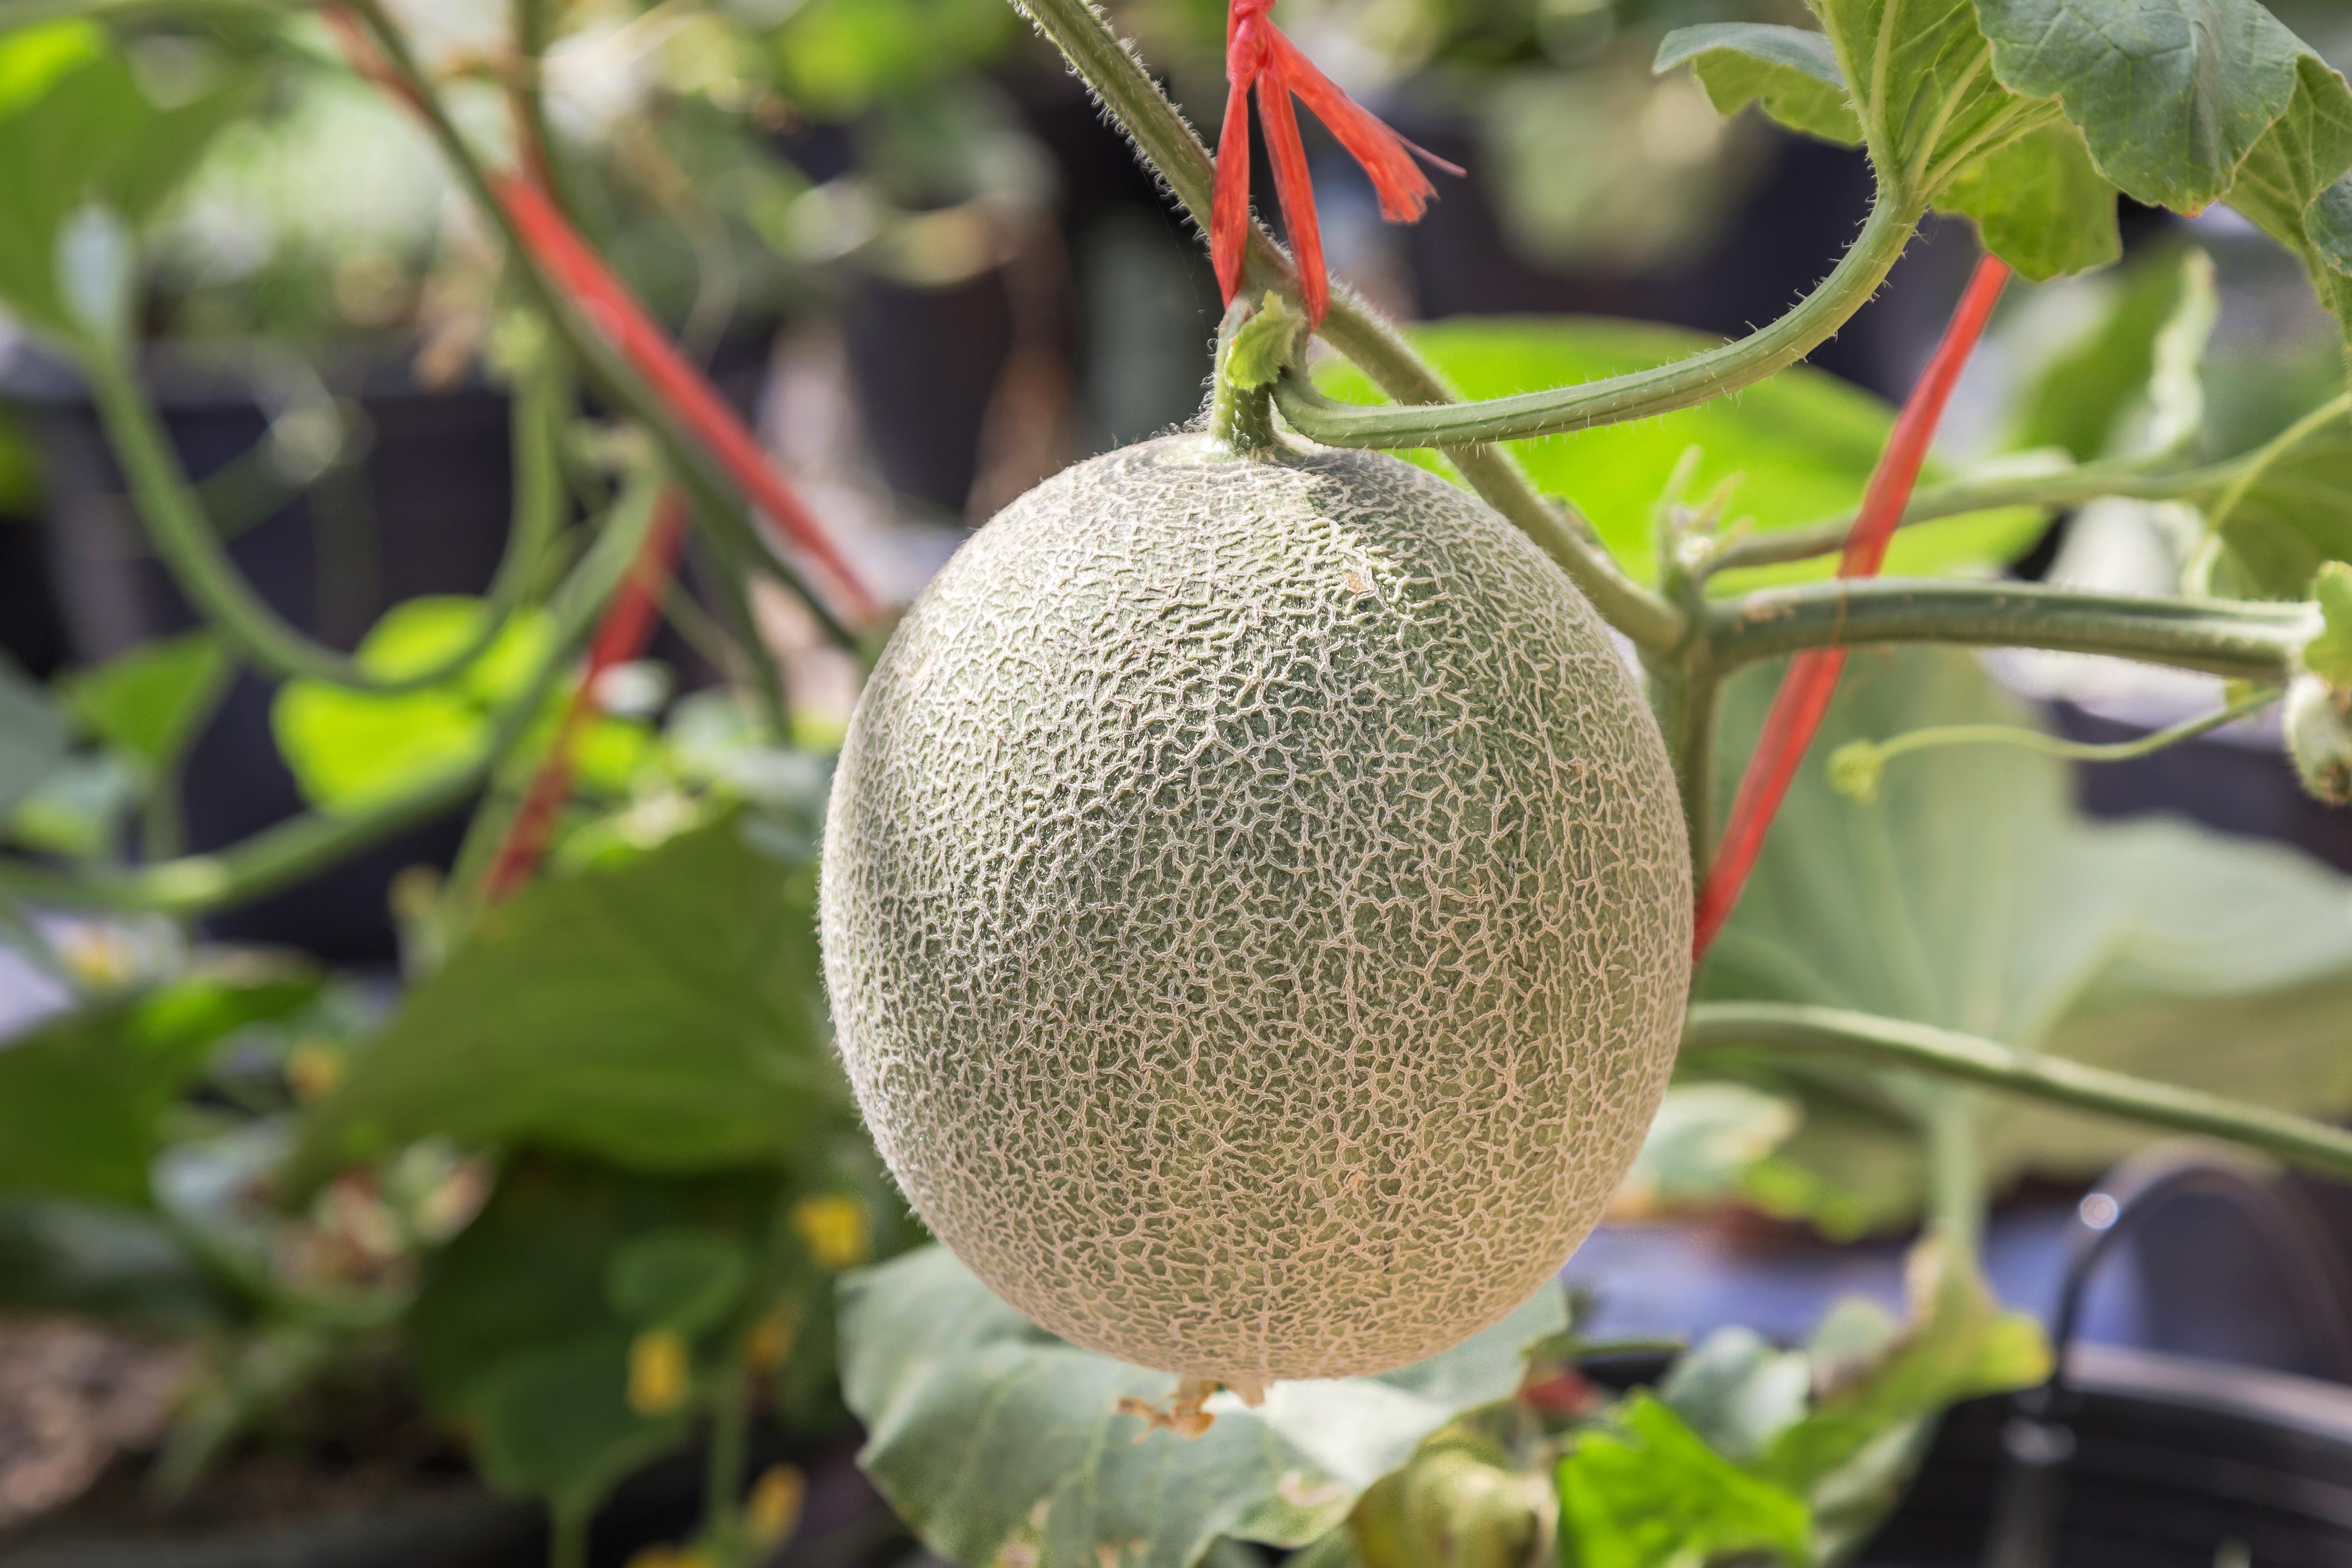 Orto sul balcone come coltivare il melone in terrazzo for Coltivare meloni